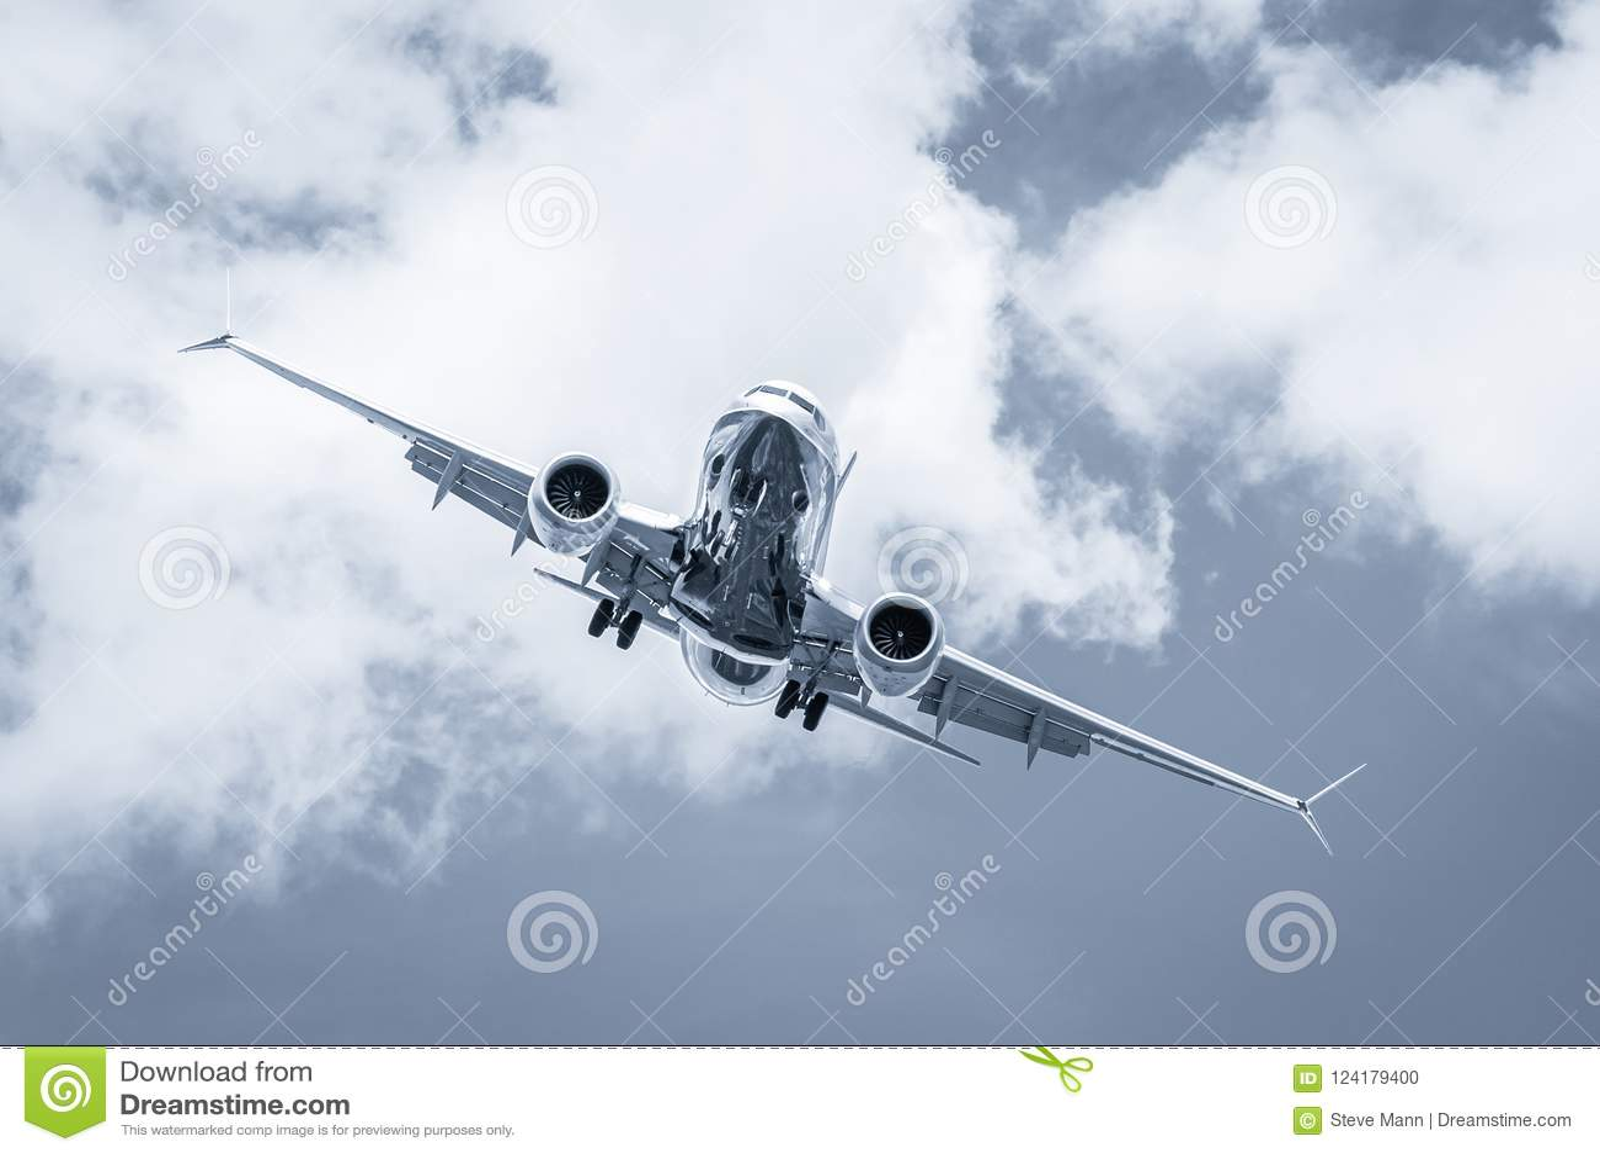 Cross-wind landing